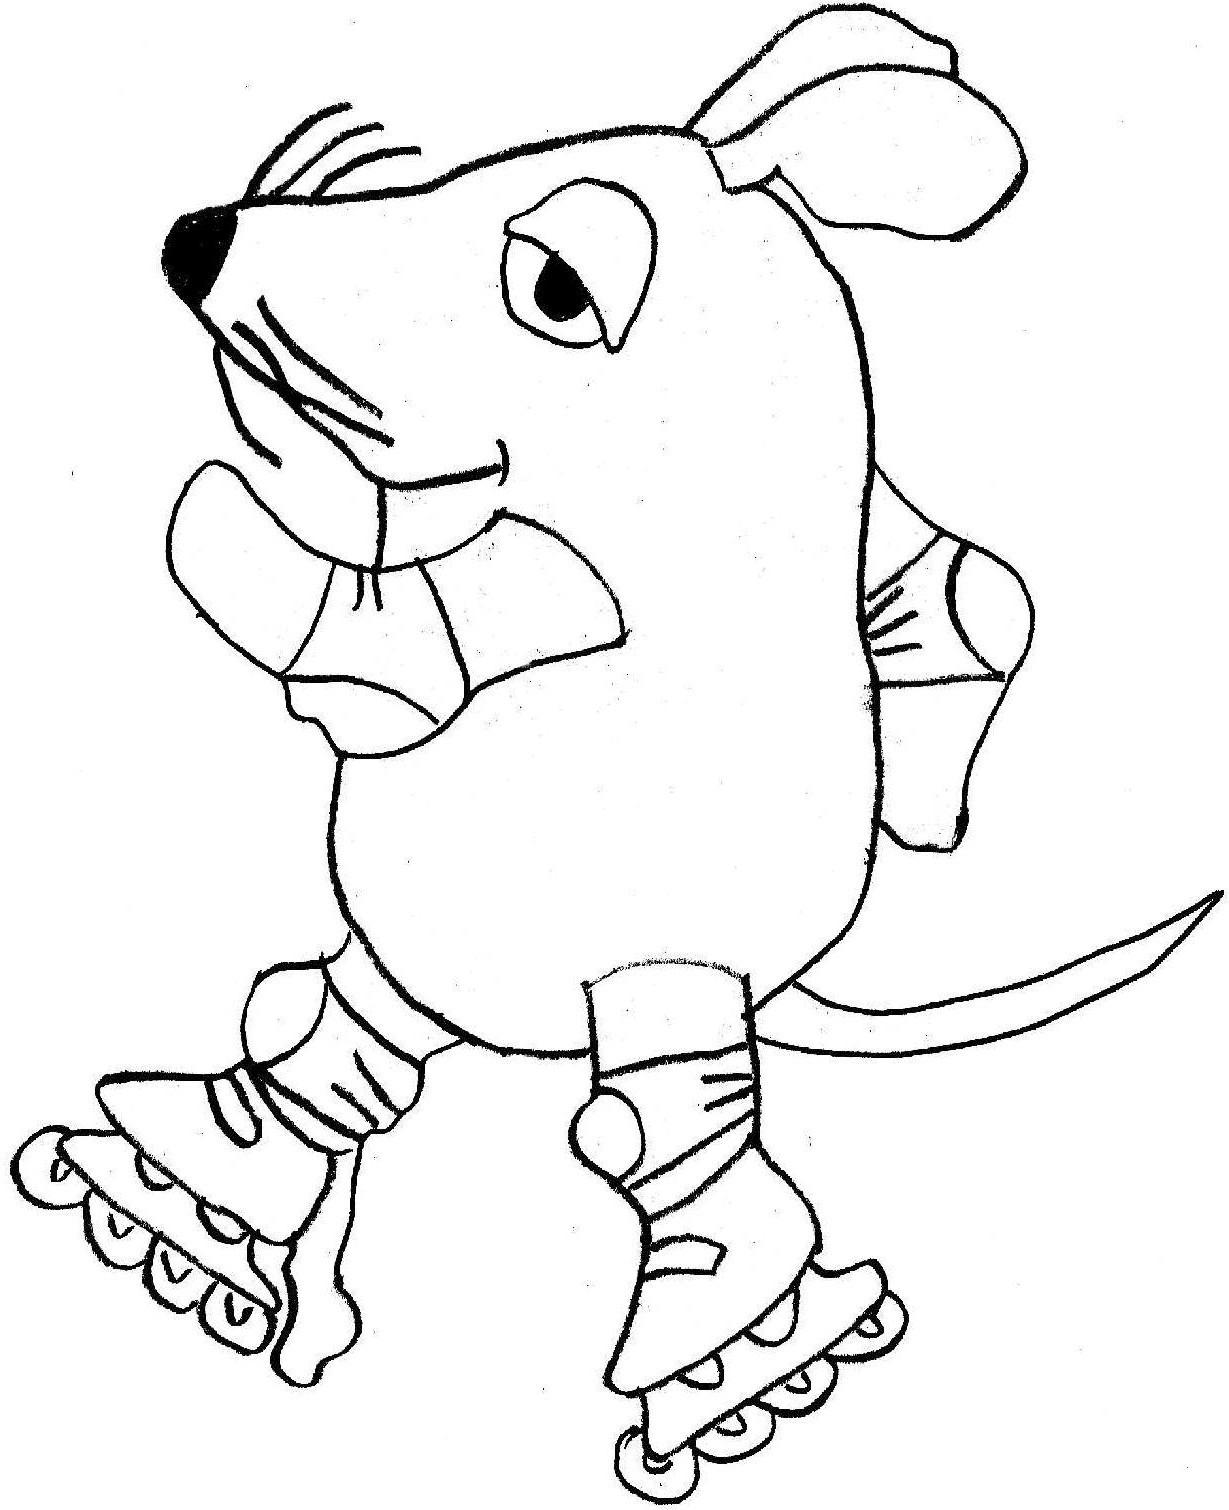 Malvorlage Sendung Mit Der Maus Neu 35 Luxus Die Maus Und Der Elefant – Malvorlagen Ideen Stock